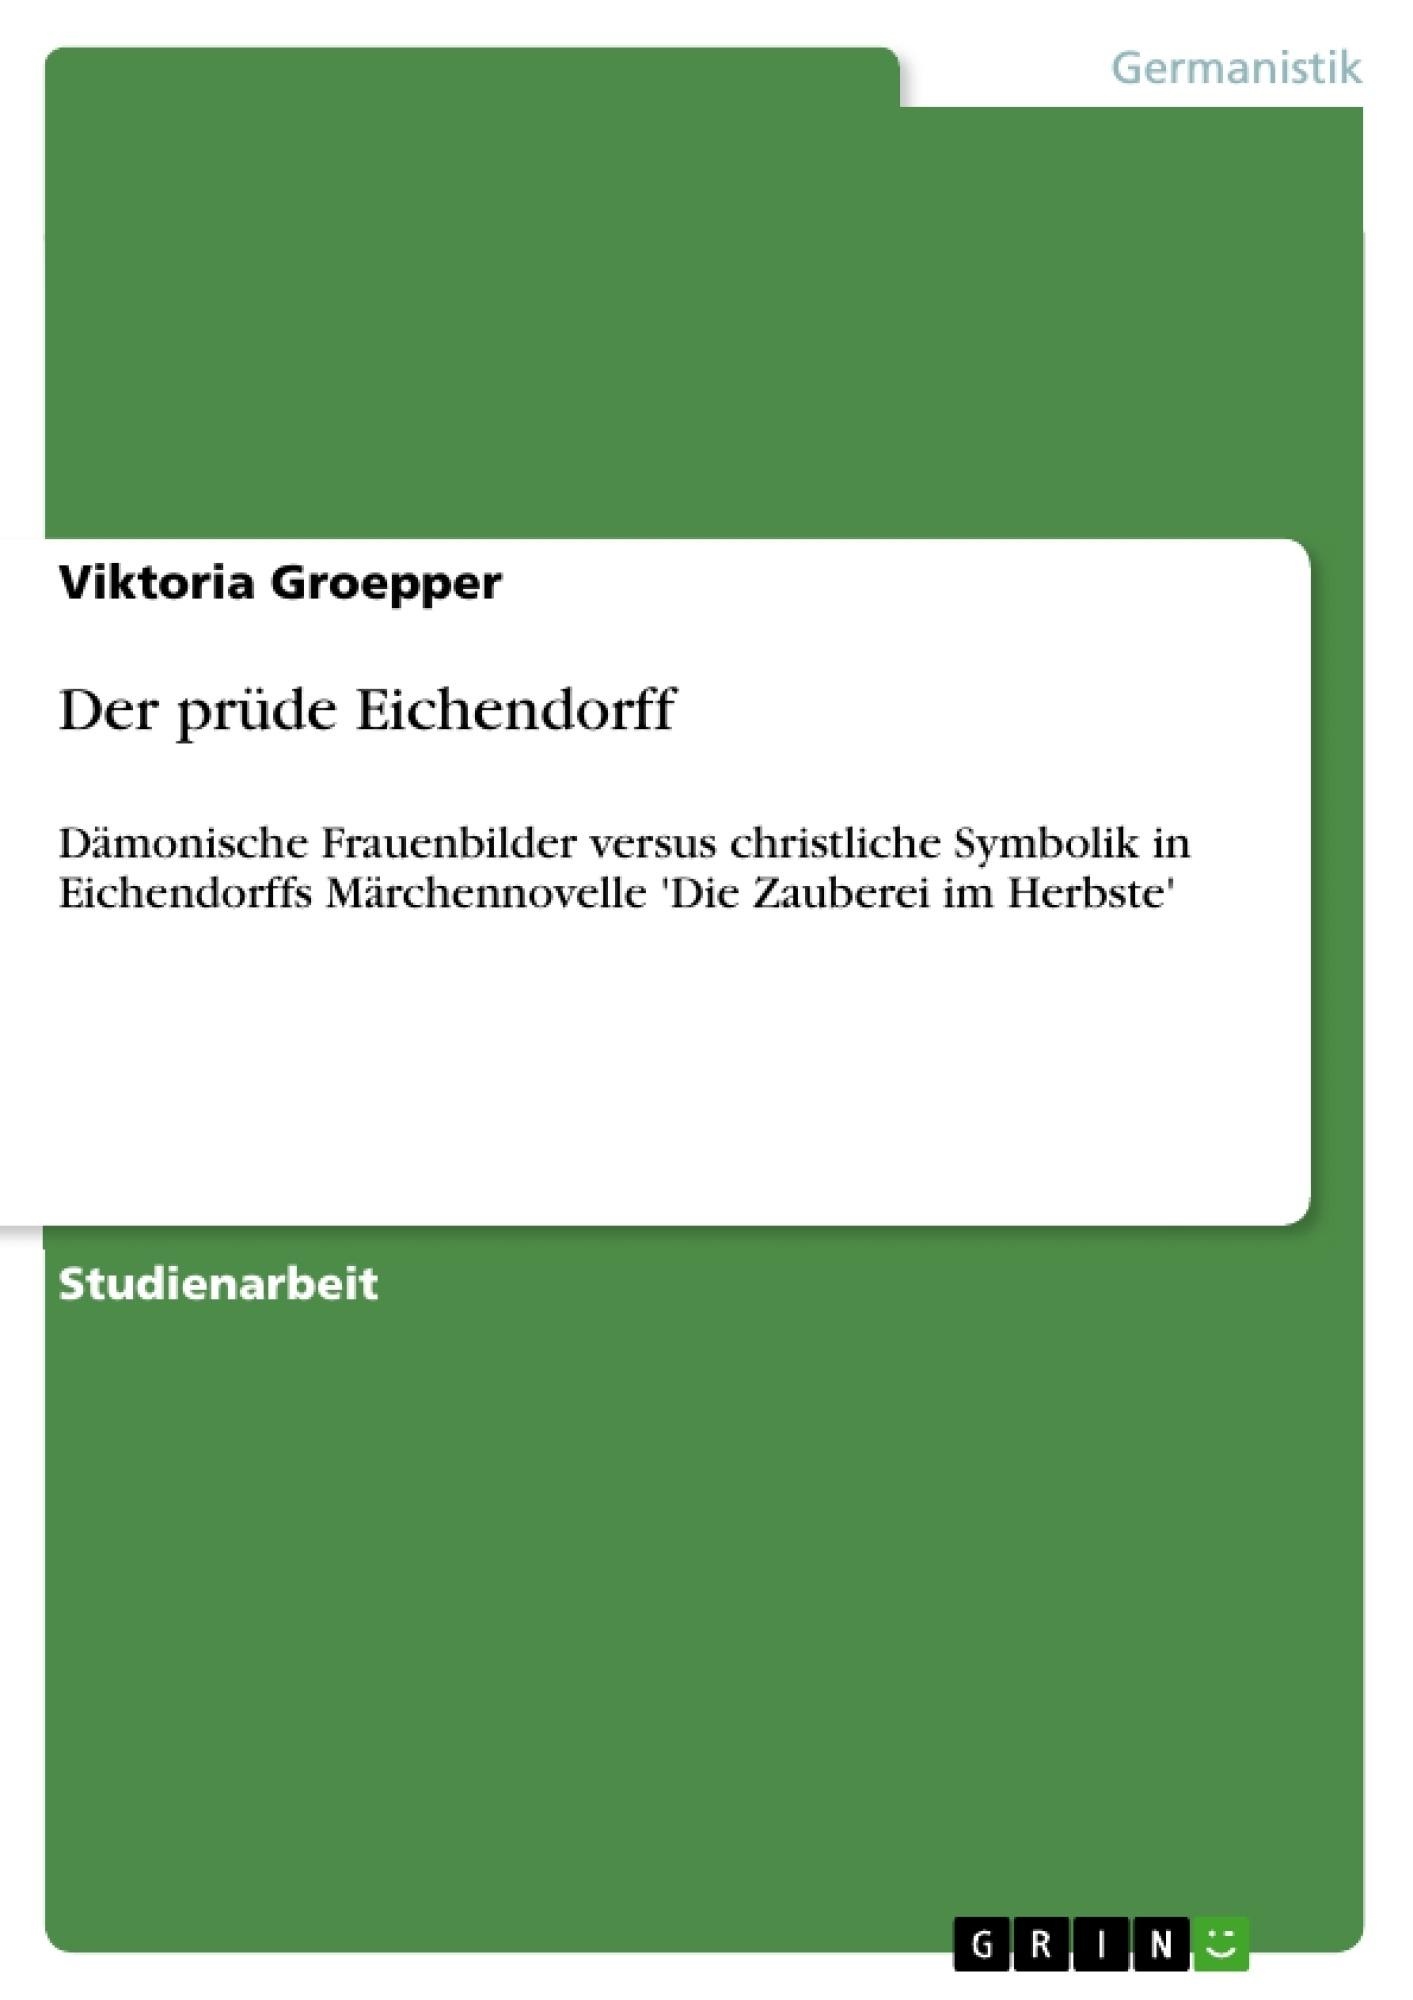 Titel: Der prüde Eichendorff